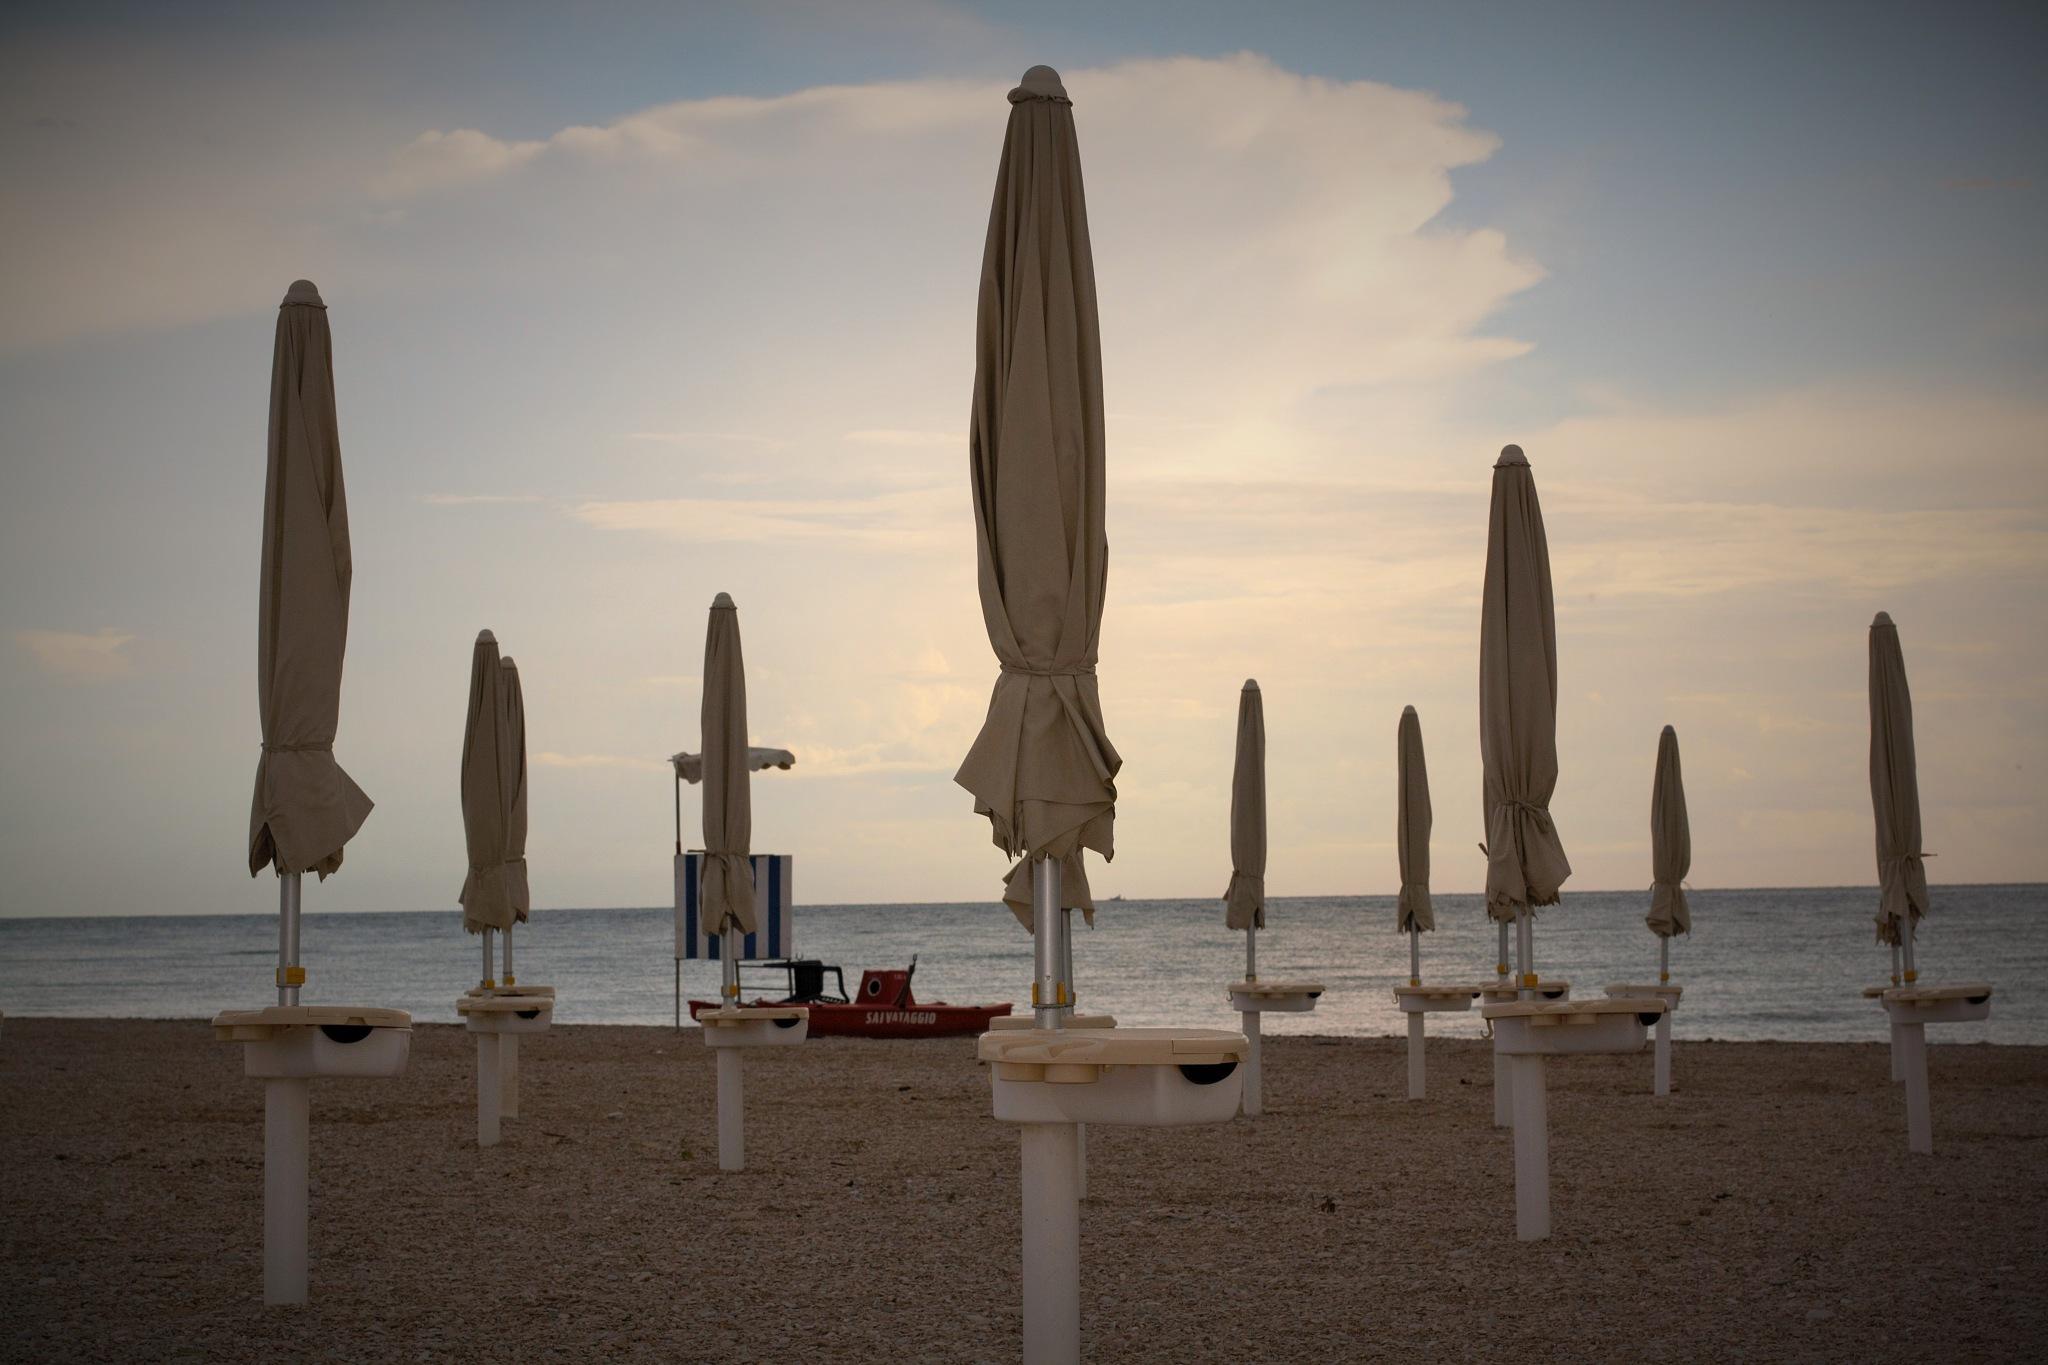 On the beach by Ghislain